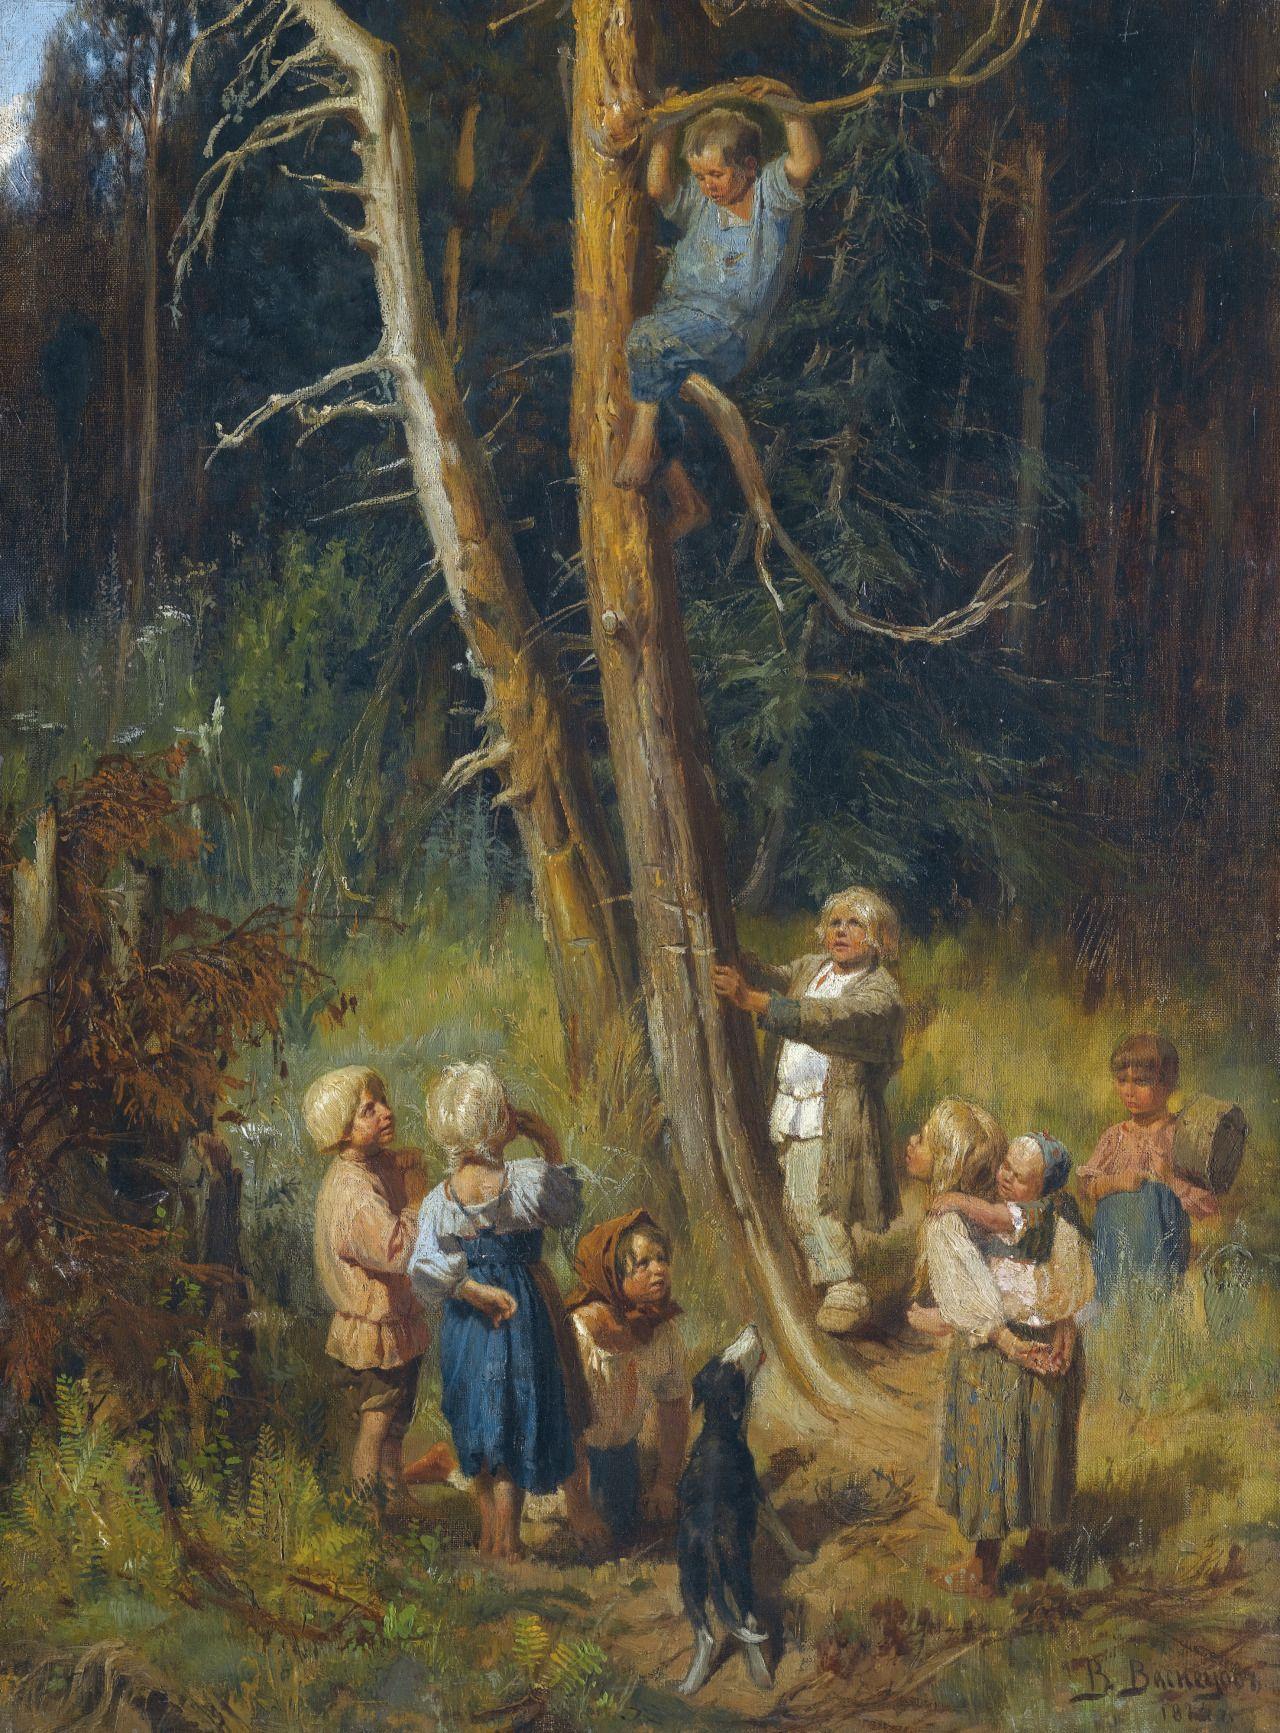 Victor Mikhailovich Vasnetsov. Biography for children